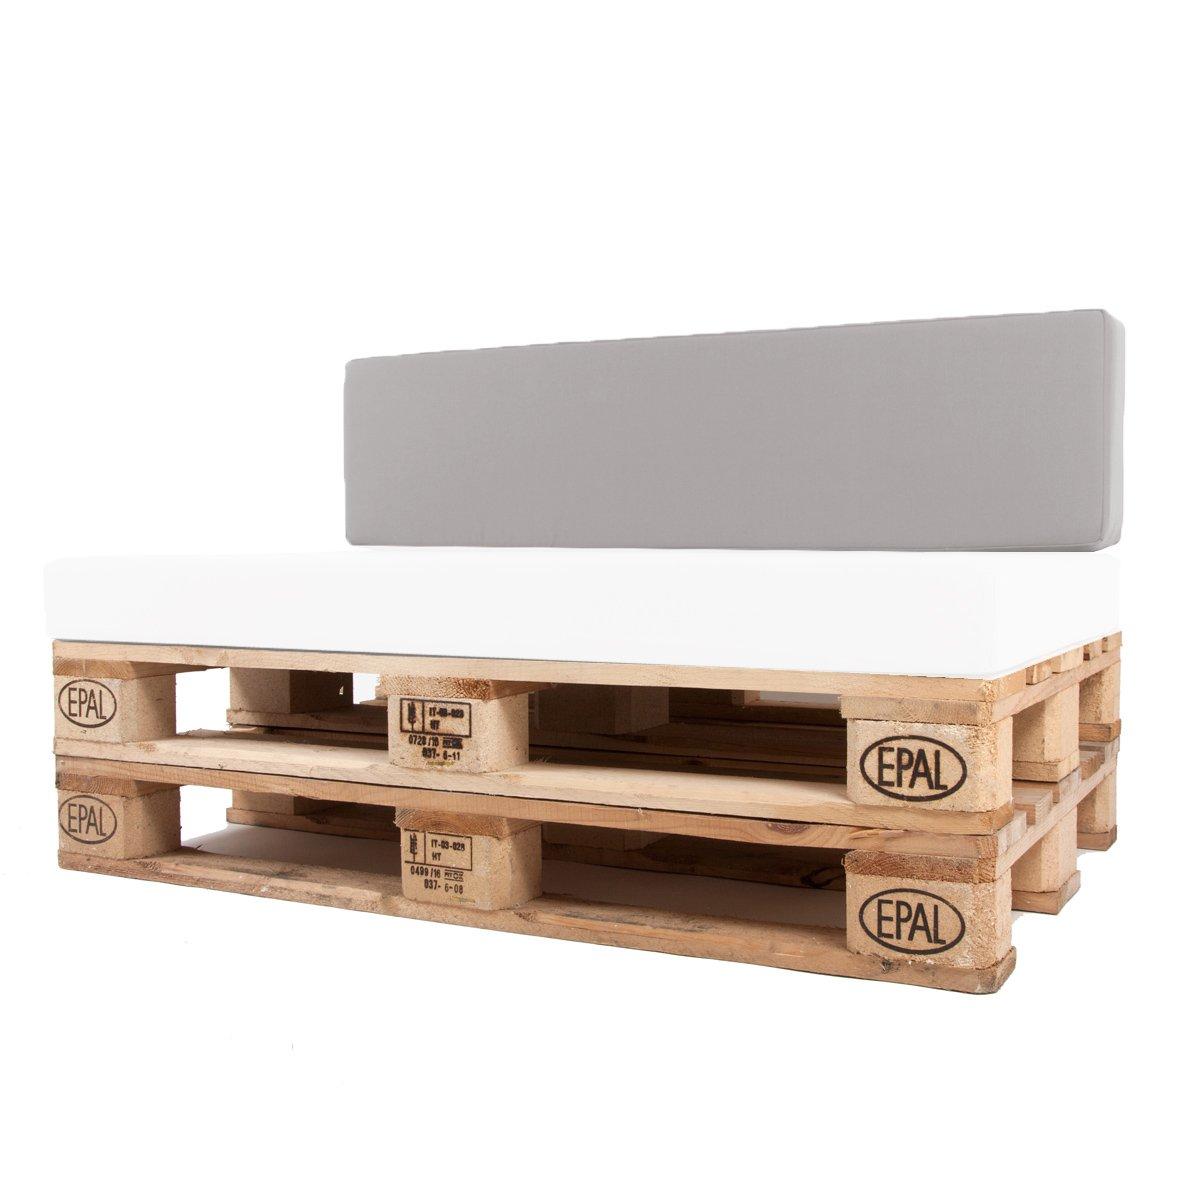 Arketicom Pallet One CHEOPE - Respaldo Cojin Sofa en Palet tejido OUTDOOR Impermeable y Desenfundable - interior Espuma de Poliuretano Alta Densidad Alta ...